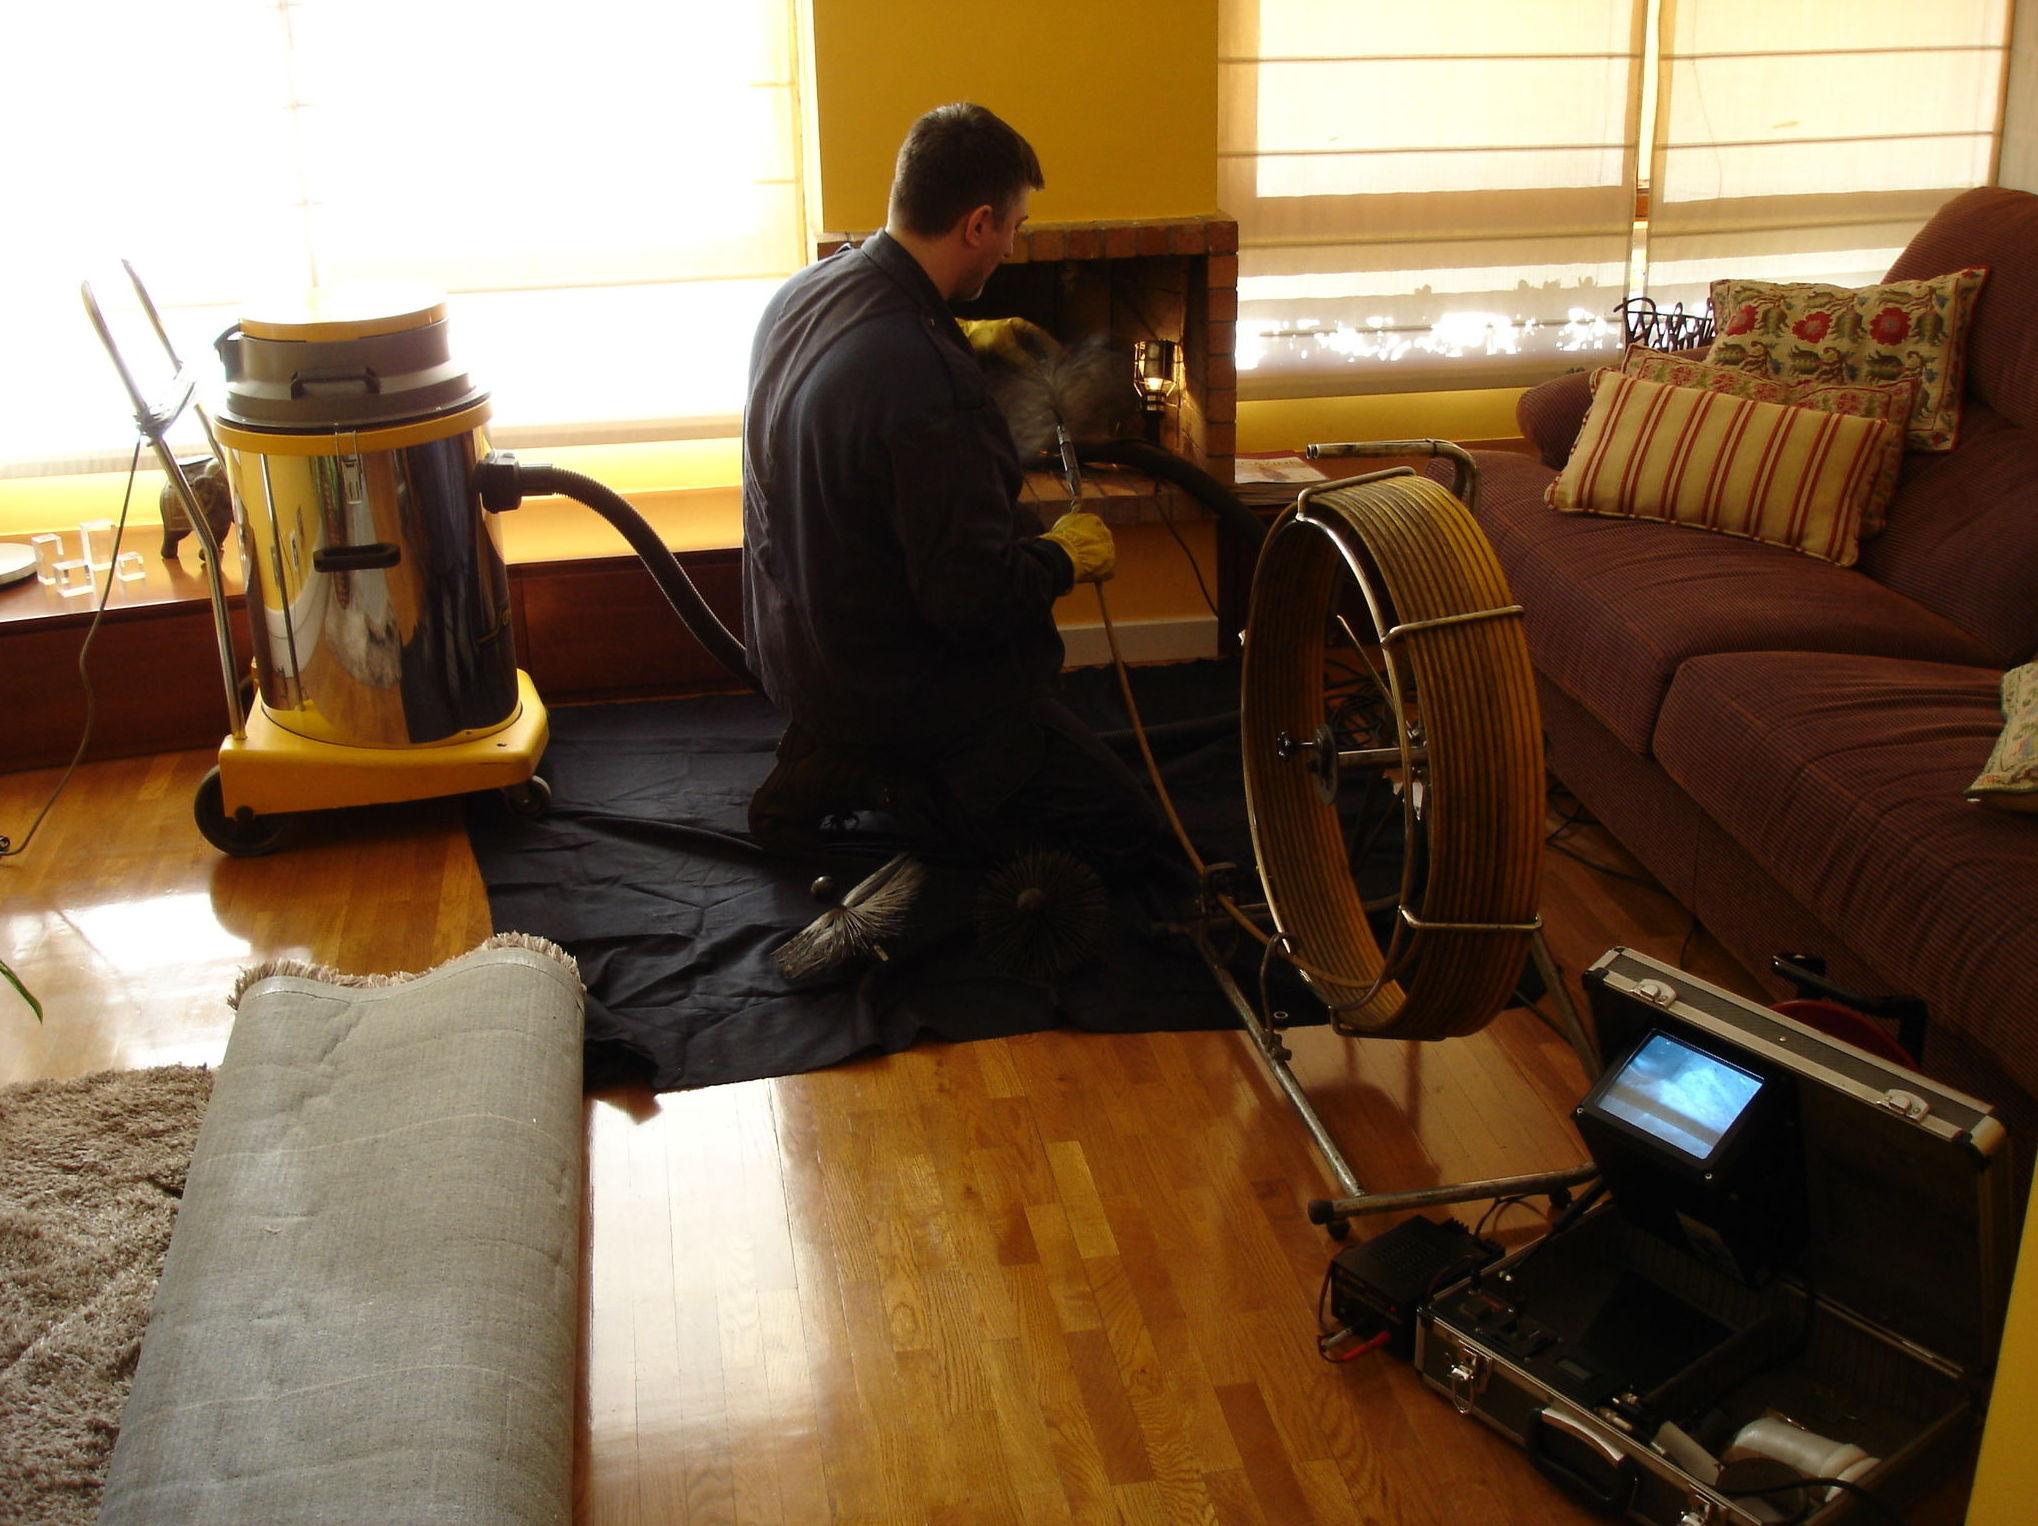 Limpieza y revisión chimenea doméstica de leña.